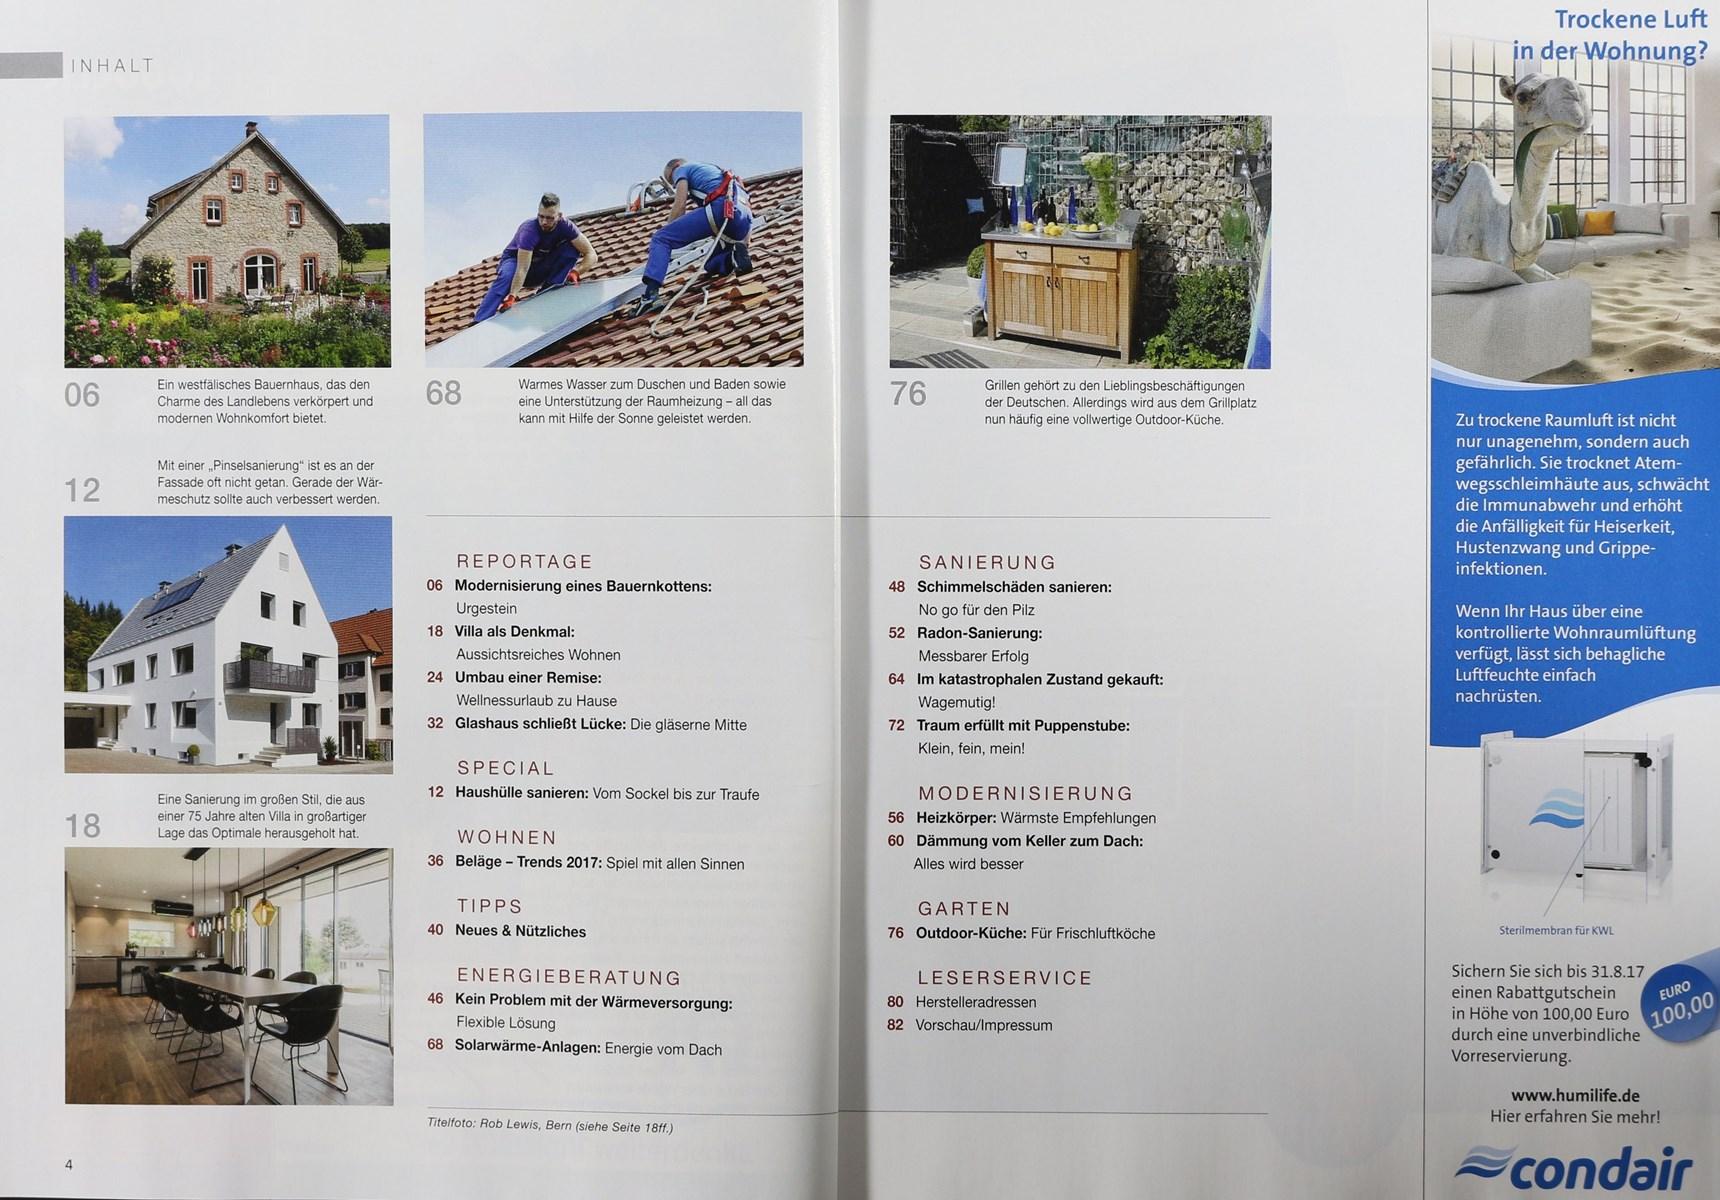 Outdoorküche Buch Lösungen : Umbauen modernisieren 10 2017 zeitungen und zeitschriften online